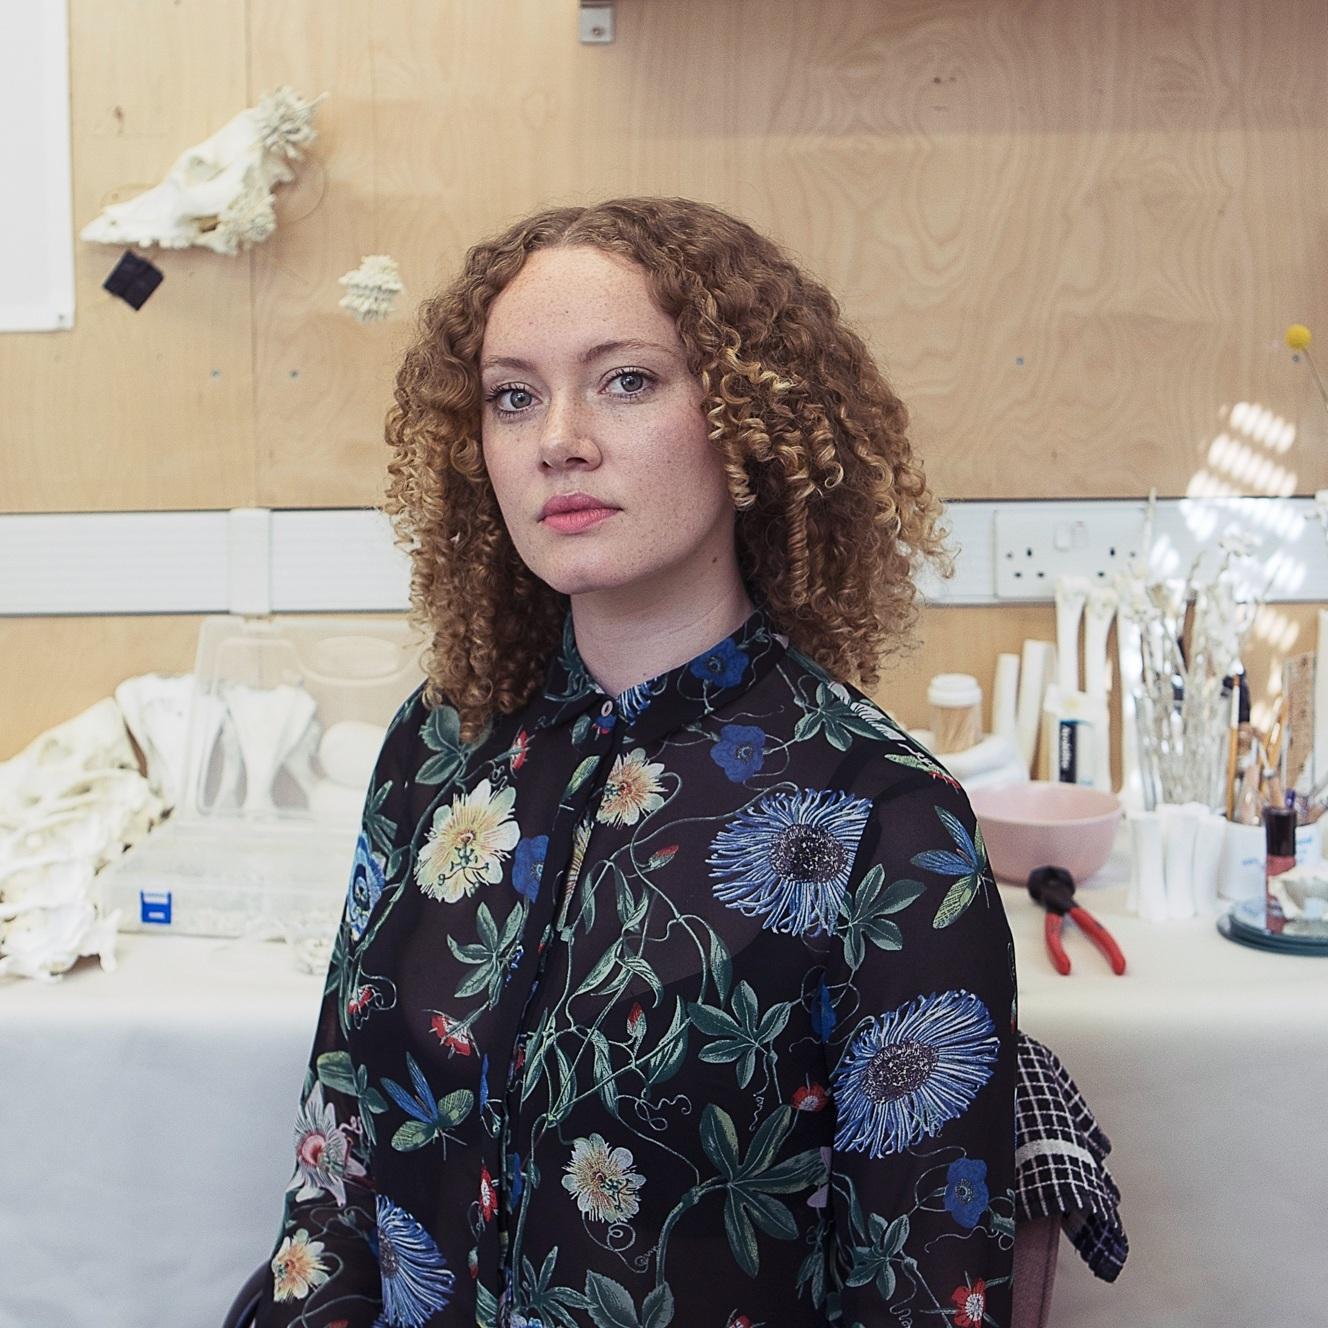 Emma Witter by Asiko  www.asiko.co.uk